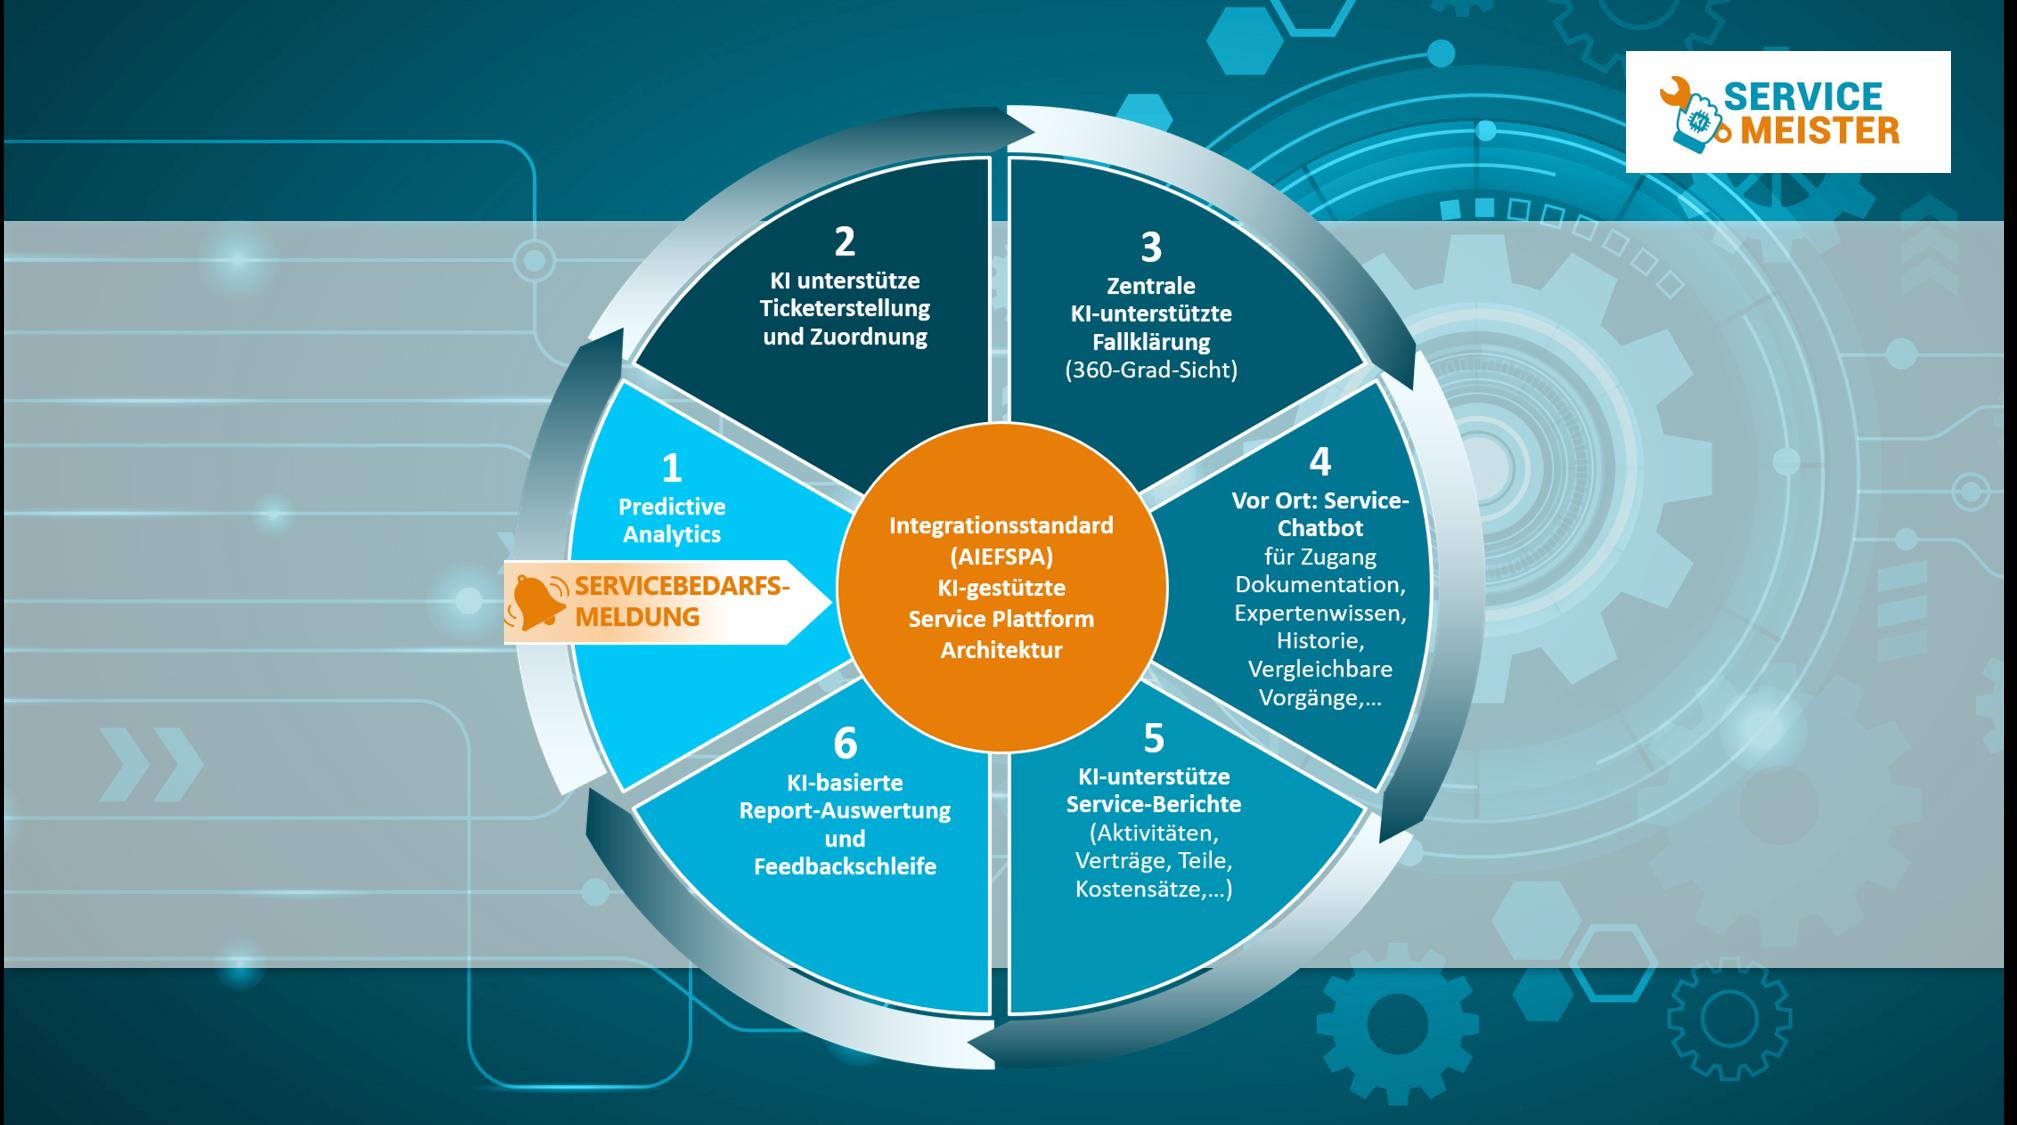 Technischer Service 4.0 - der Service der Zukunft 2